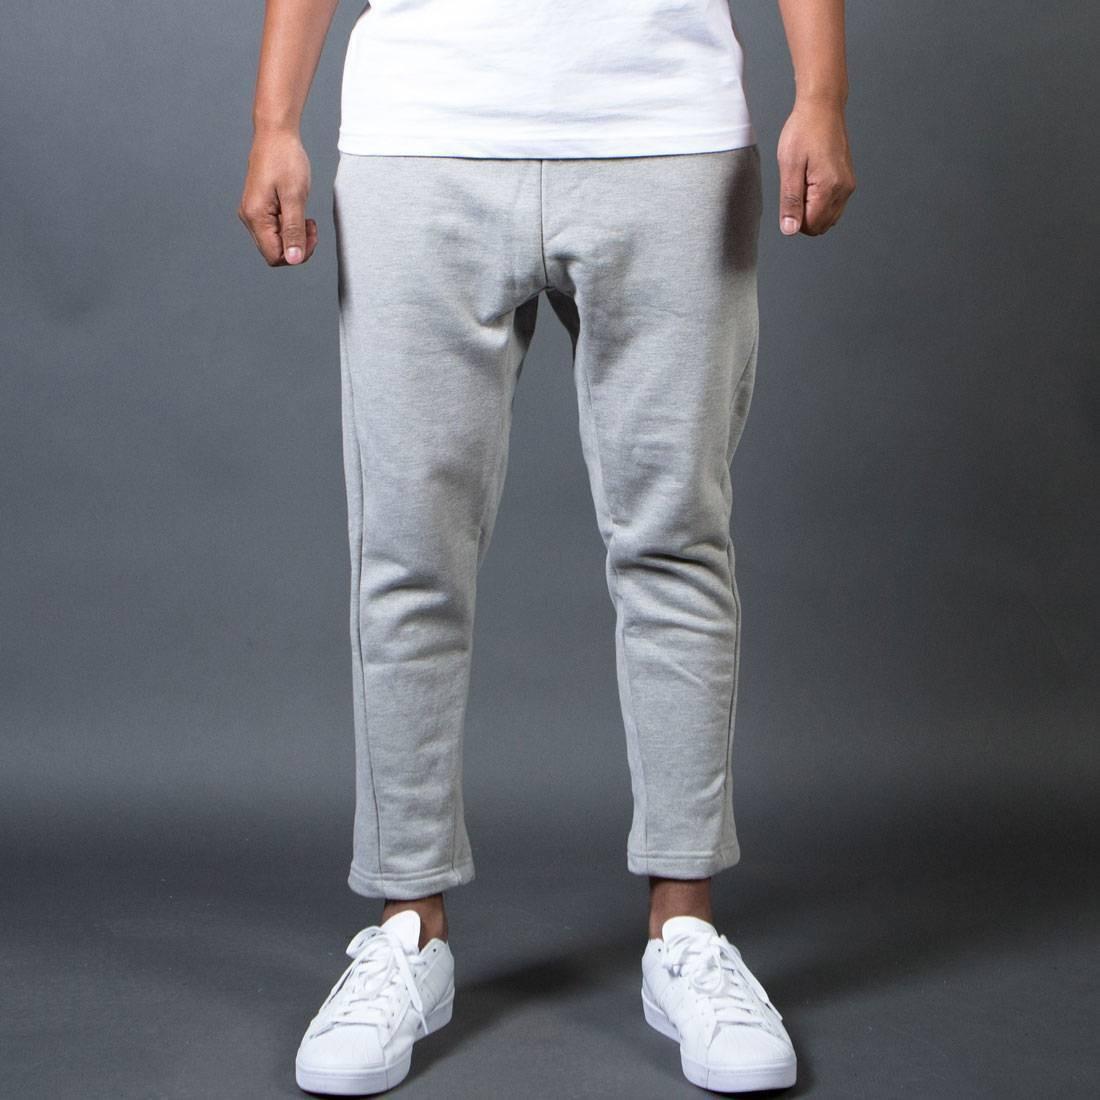 ベイト BAIT メンズファッション ズボン パンツ メンズ 【 Men French Terry Japan Pants - Made In La (gray / Heather) 】 Gray / Heather